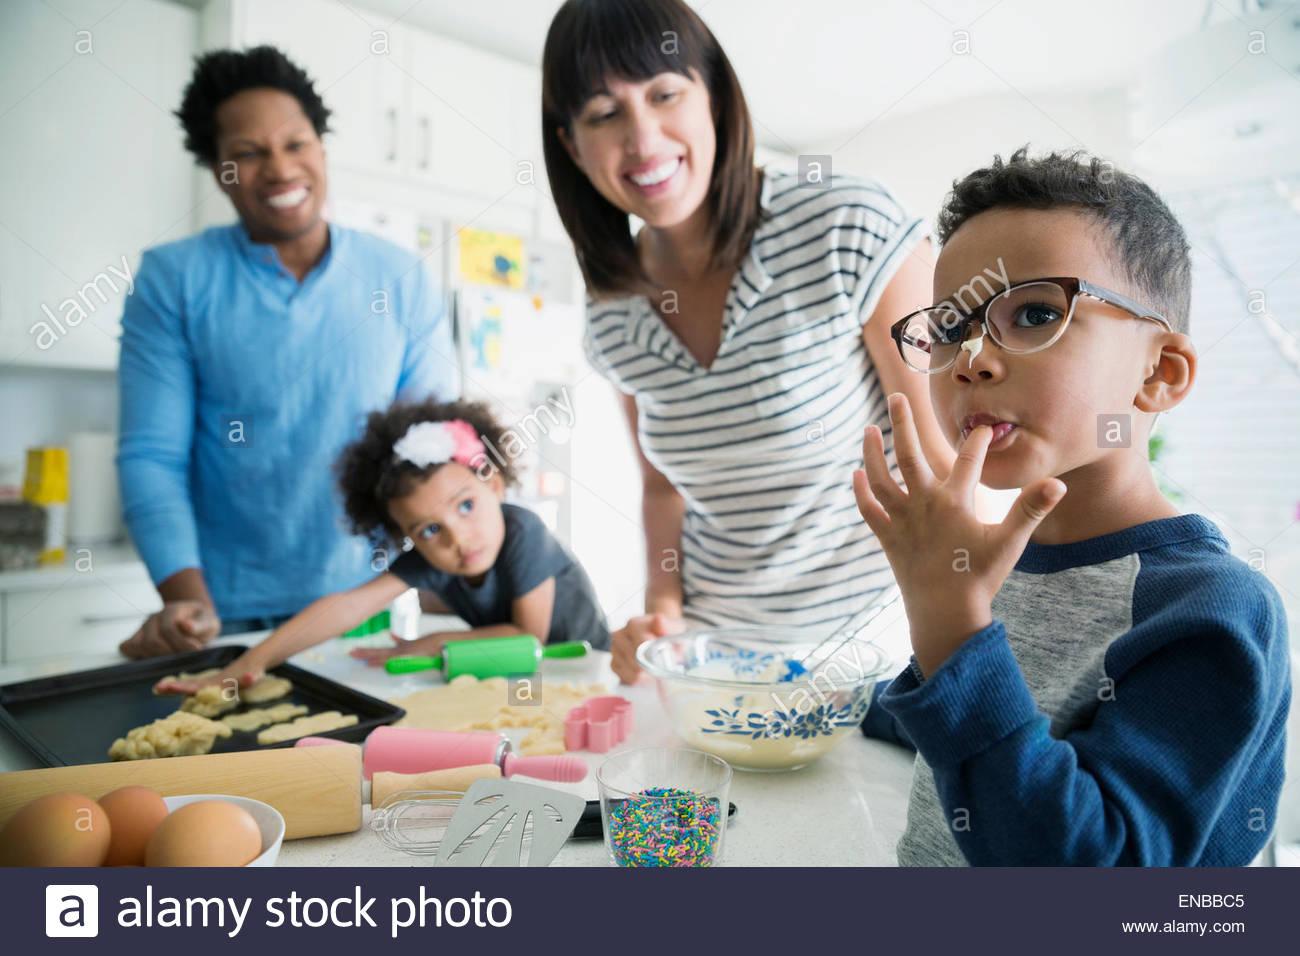 Chico con masa de galleta lamiendo el dedo en la nariz Imagen De Stock